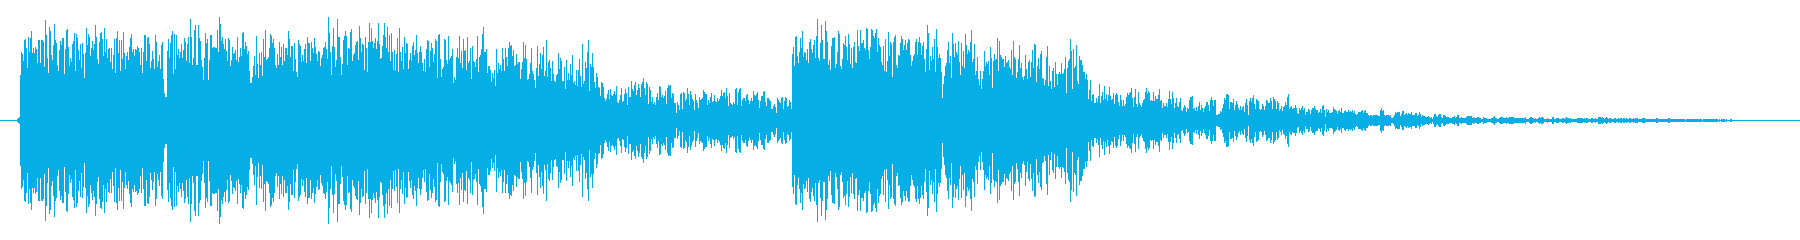 ドラマクイーン2の再生済みの波形